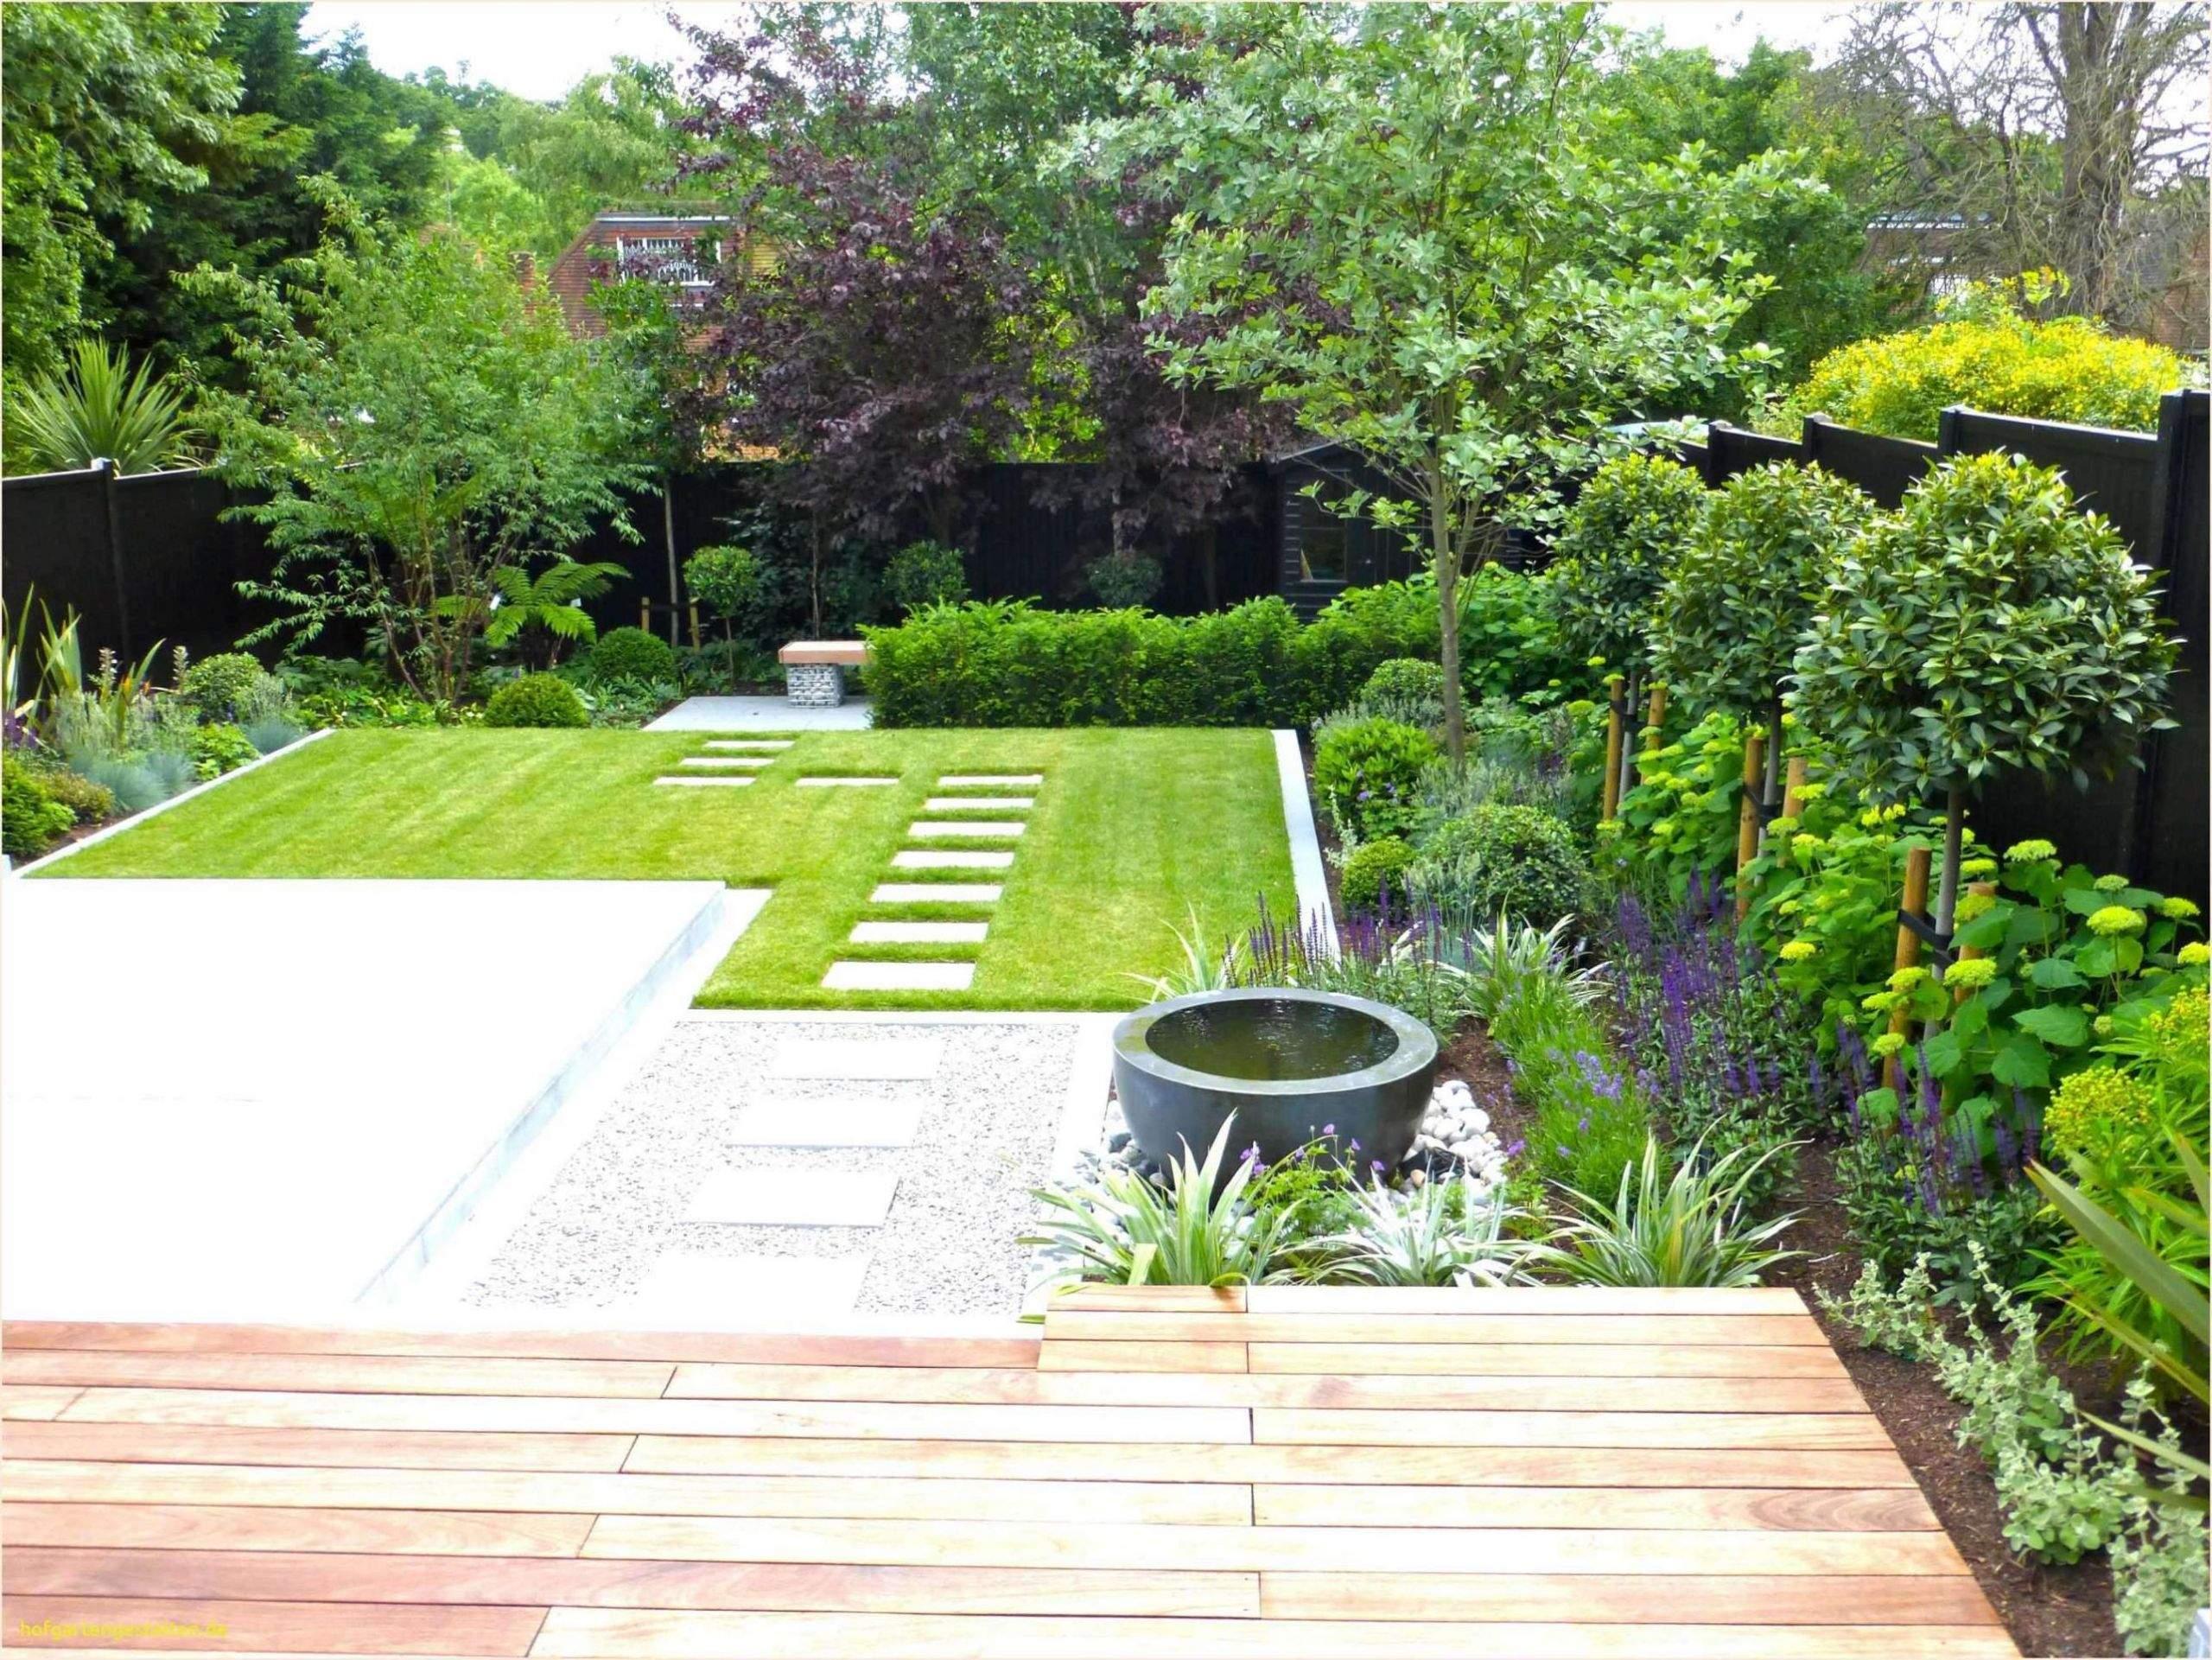 Botanischer Garten London Einzigartig 27 Reizend Garten Spielplatz Inspirierend